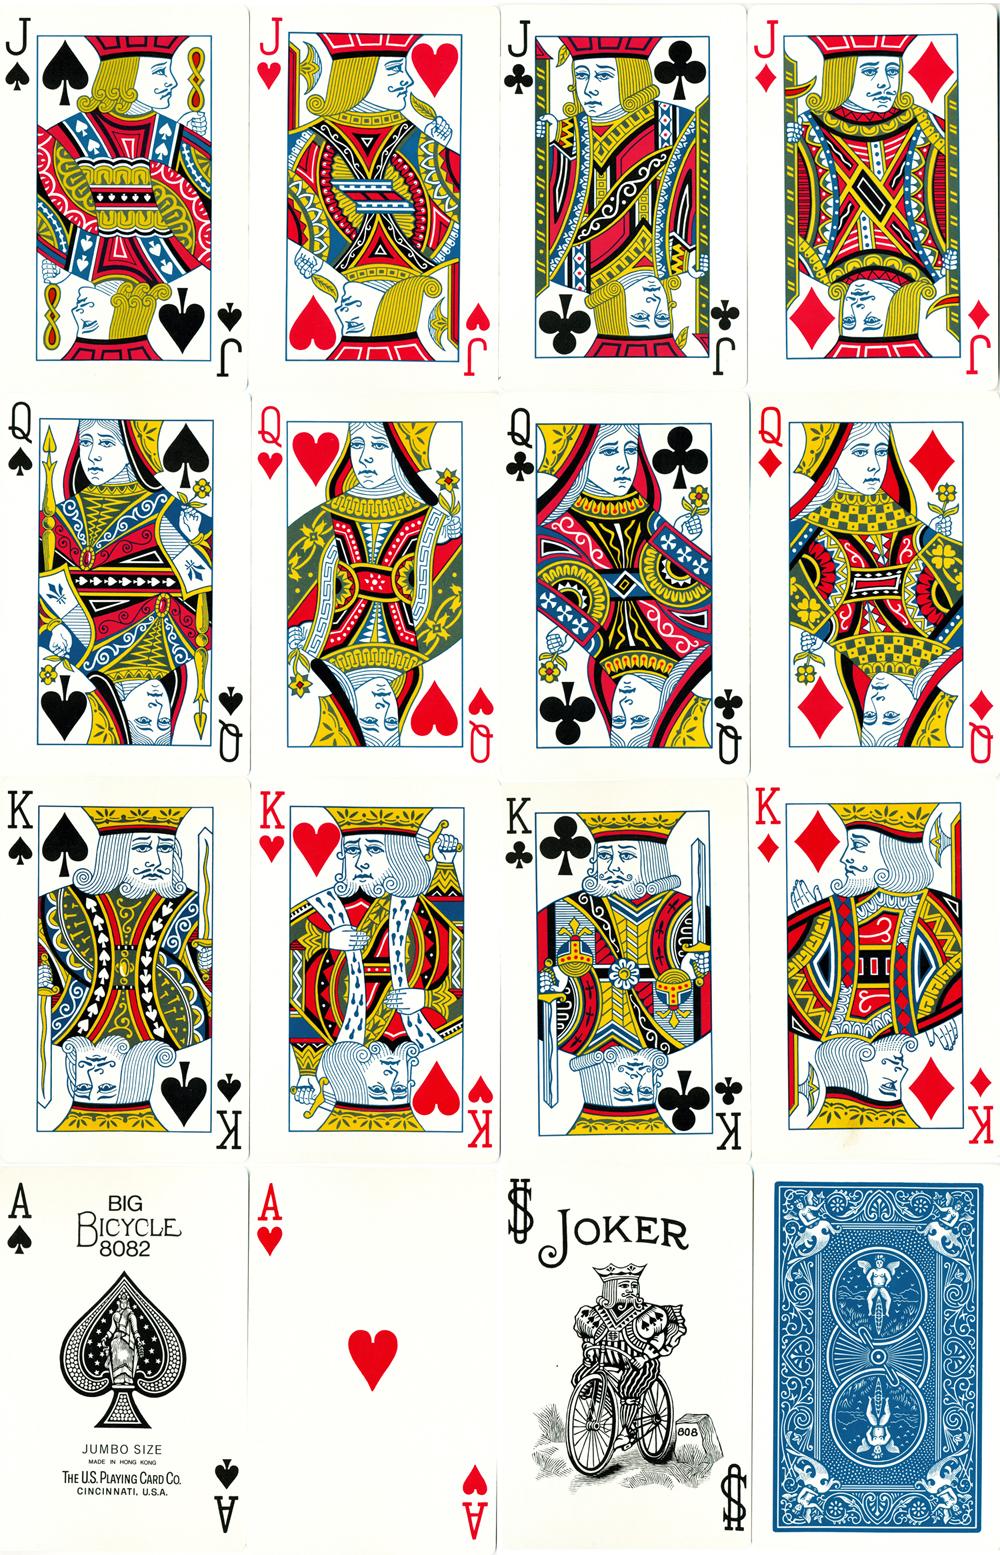 Playing Card Jacks